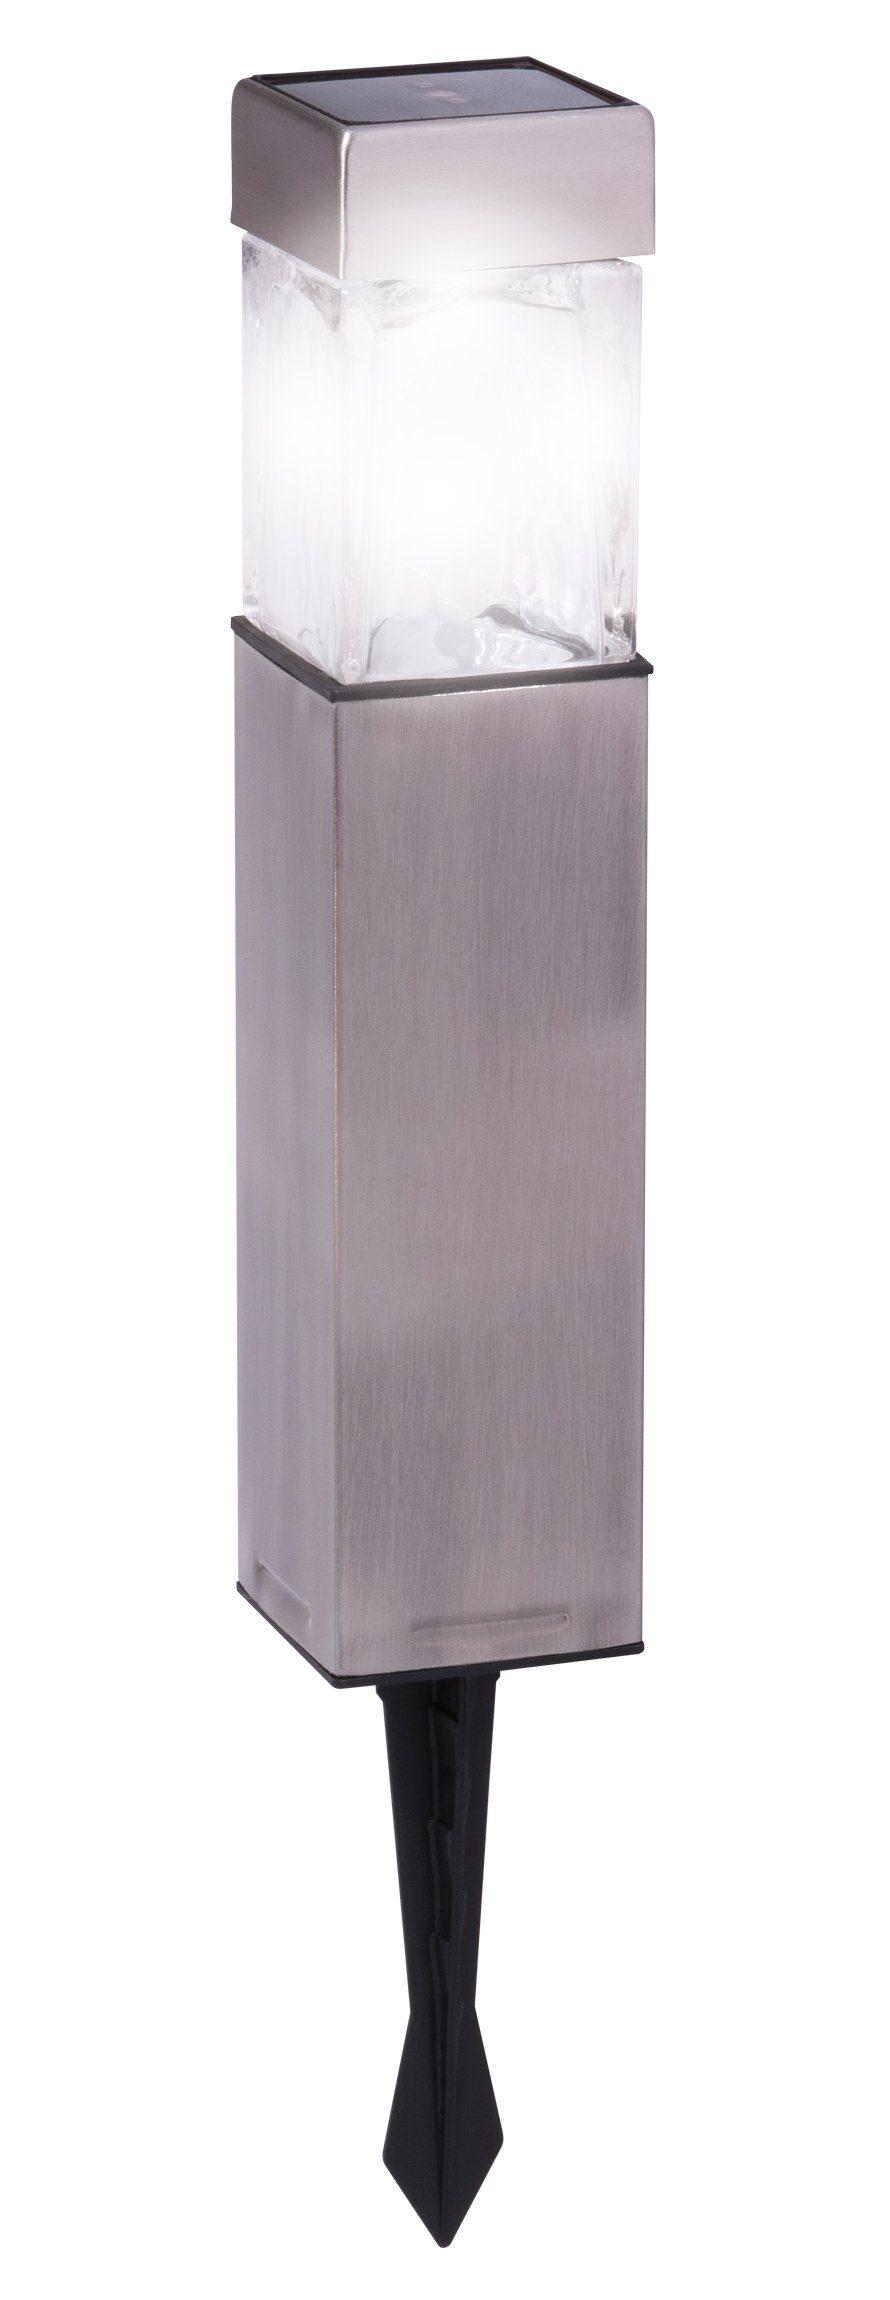 Duracell LED Solar Gartenlampe 4er Pack »GL004NP4DU 5 Lumen«